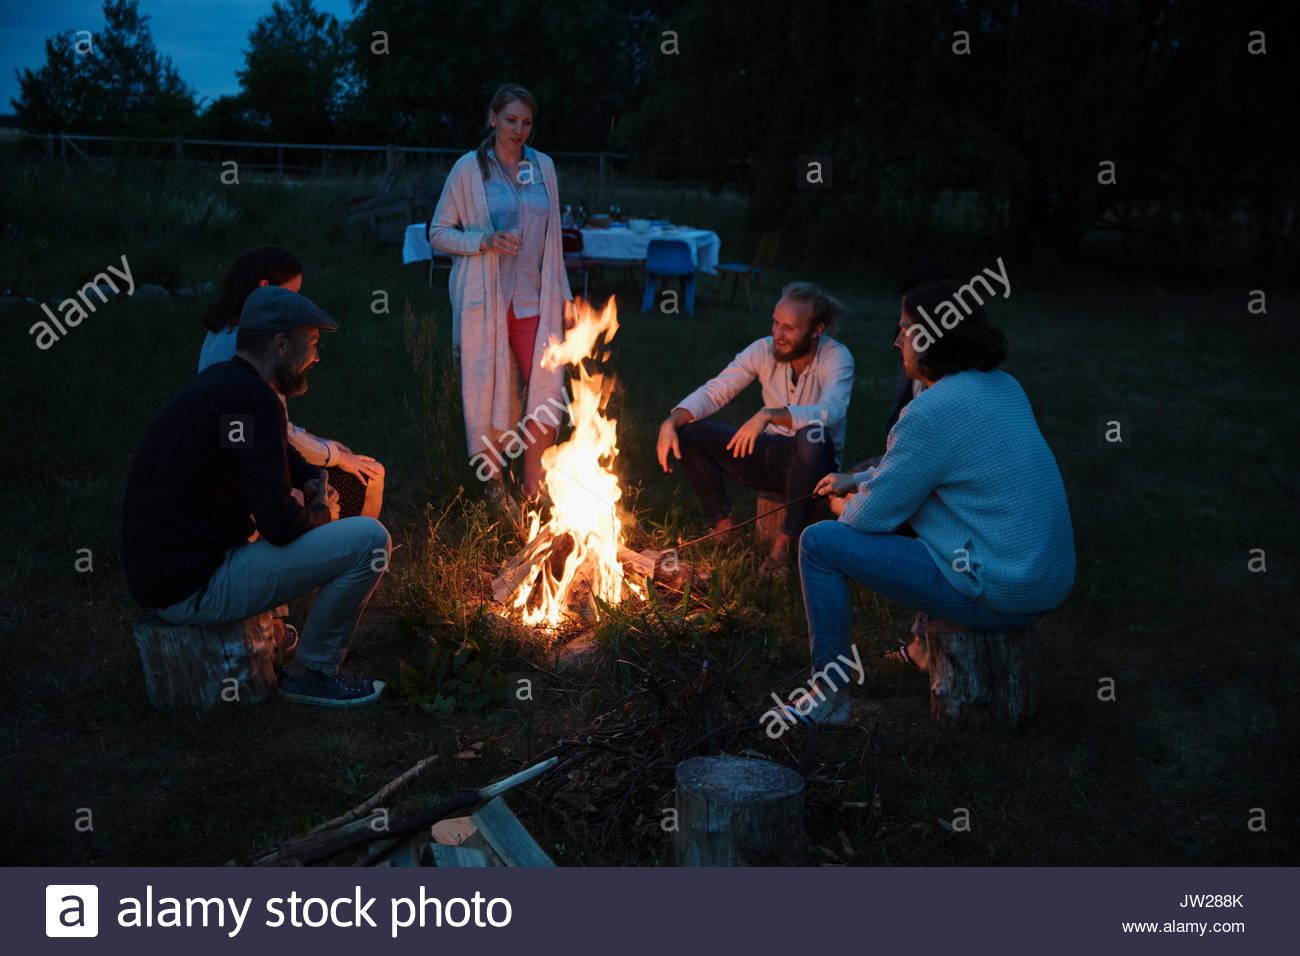 Friends enjoying summer campfire - Stock Image